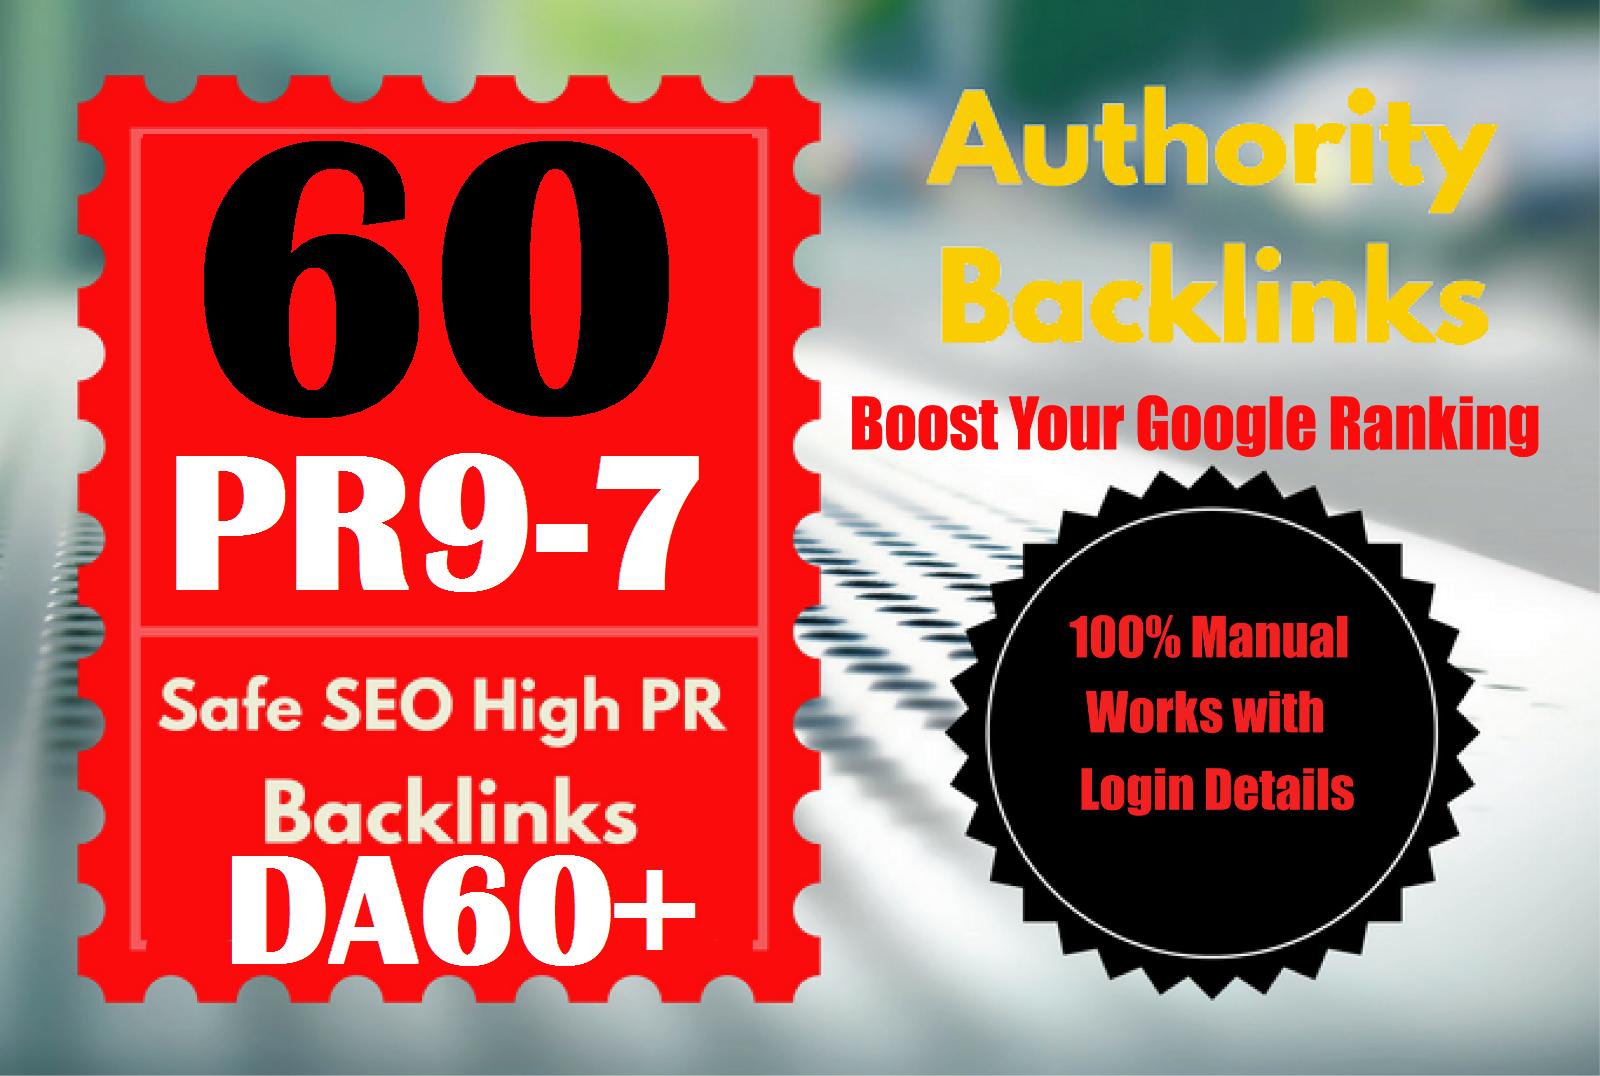 I Will Do 60 PR9-PR7 Safe High PR Backlink For rank A website on Top On Google